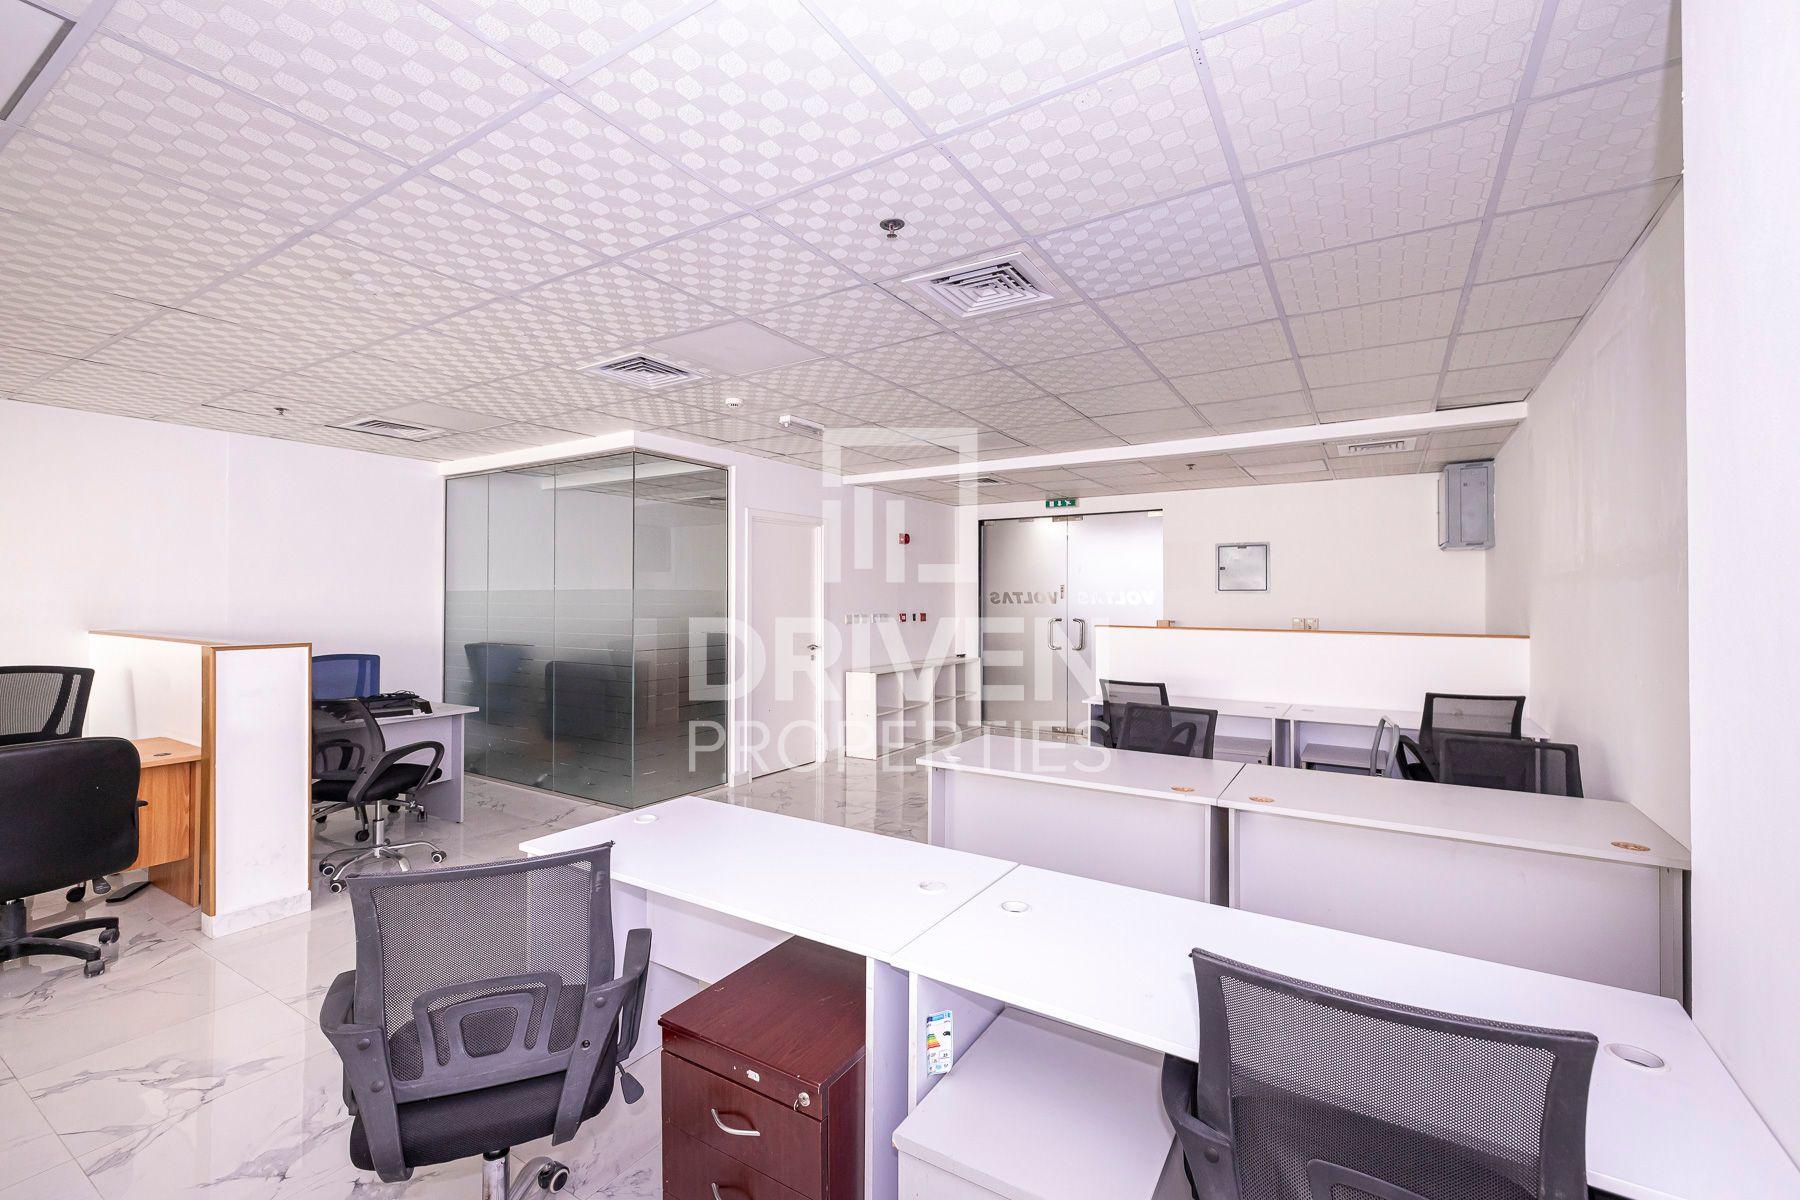 1,428 قدم مربع  مكتب - للايجار - مجمع دبي للإستثمار